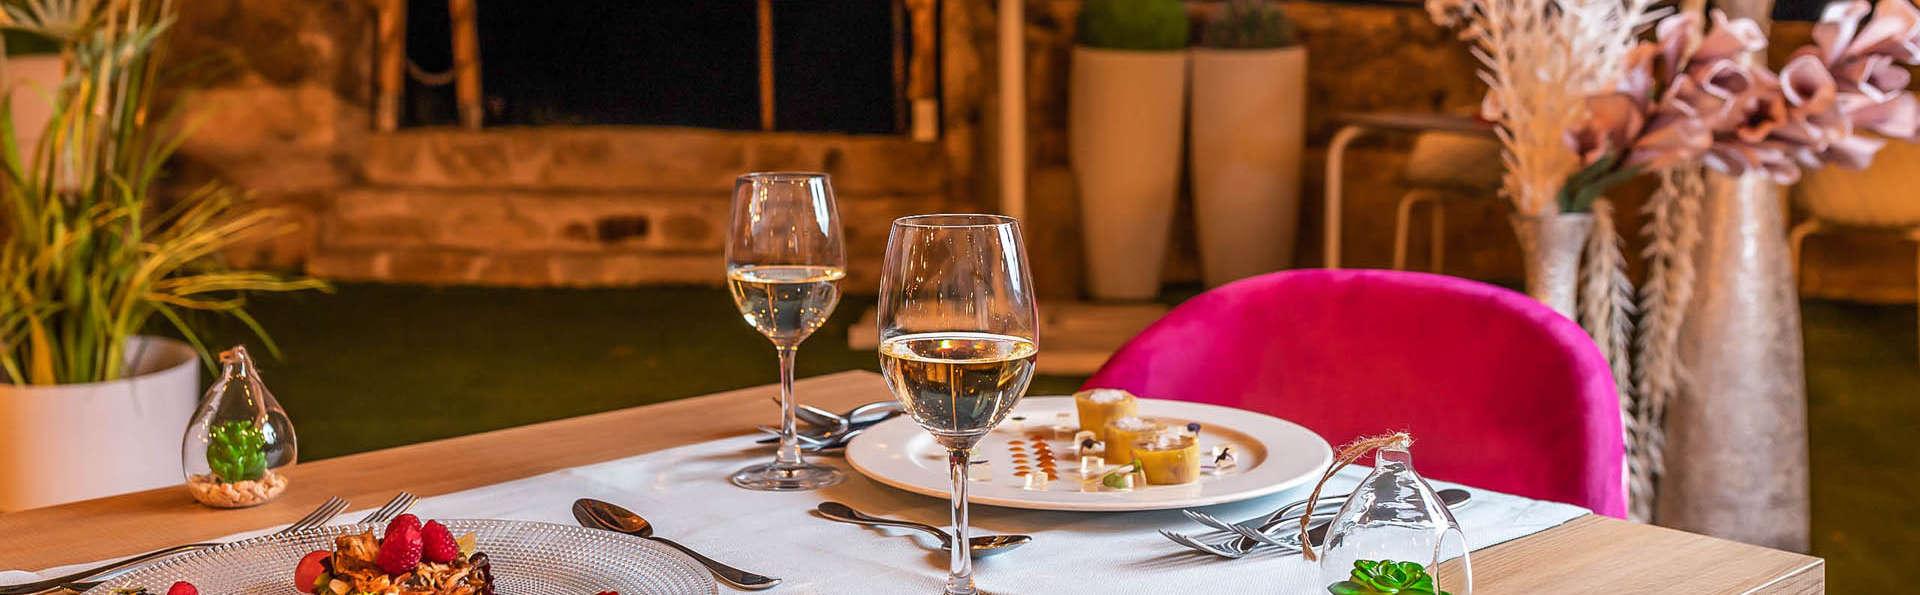 Escapada con cena y bañera hidromasaje en la Sierra de Gredos